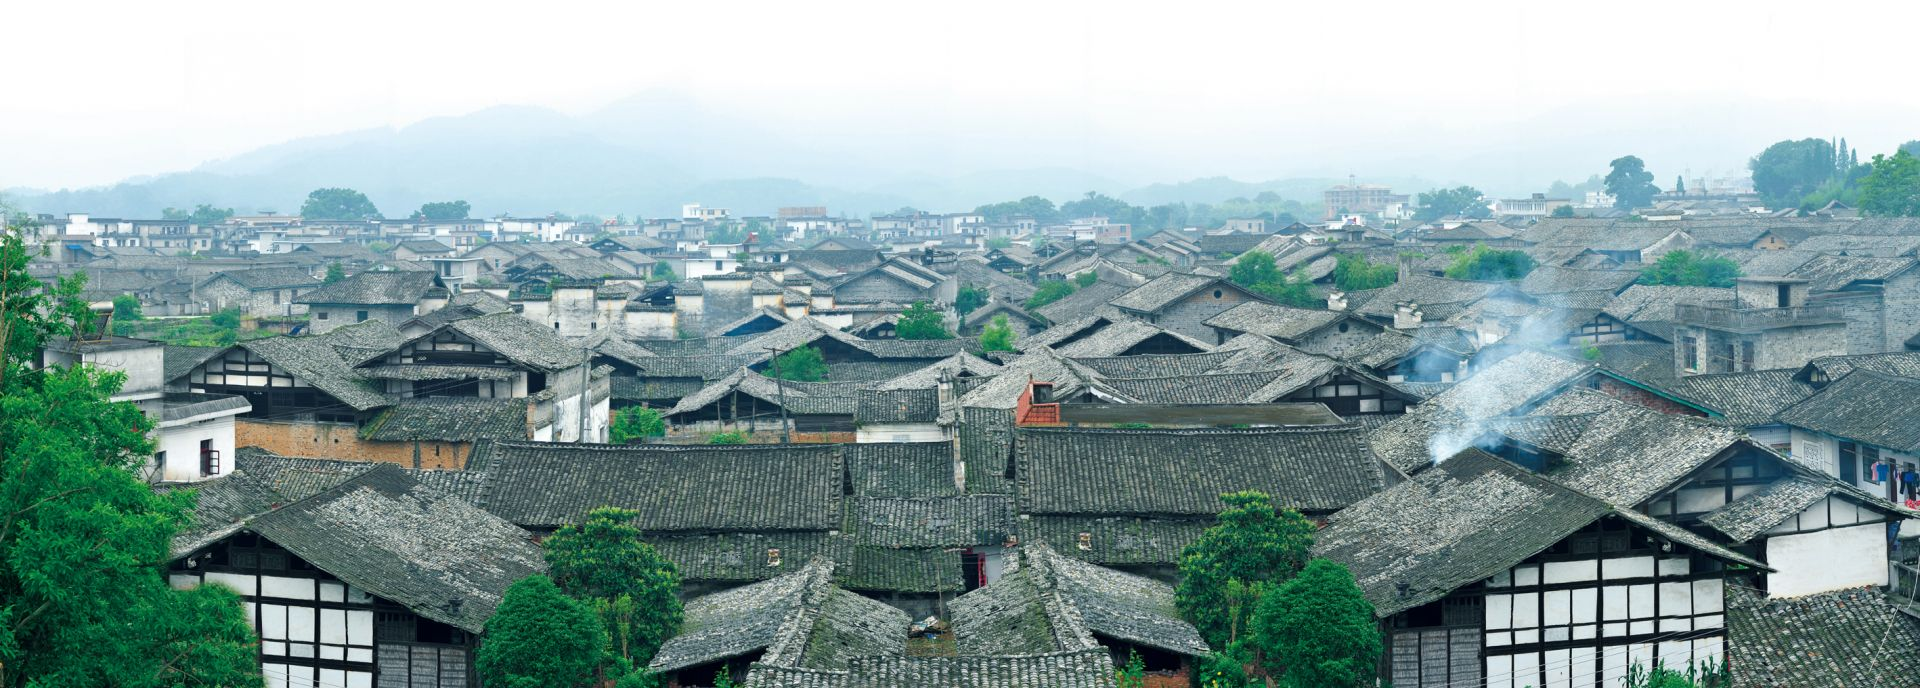 宜丰天宝古村全景 (邹嘉摄)